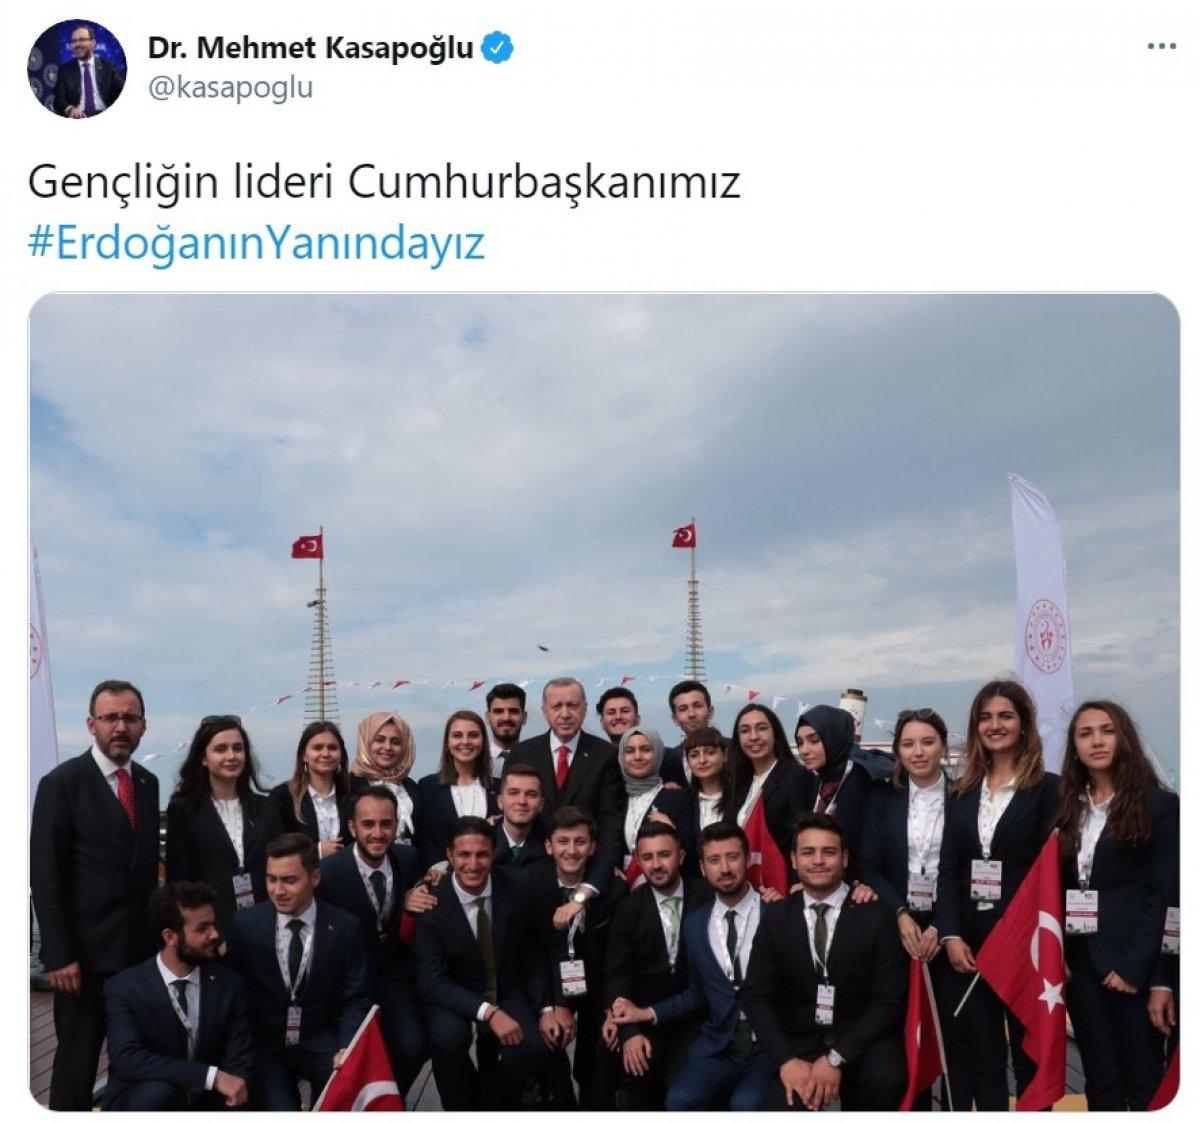 Cumhurbaşkanı Erdoğan a destek tweet leri 2 milyonu aştı #11